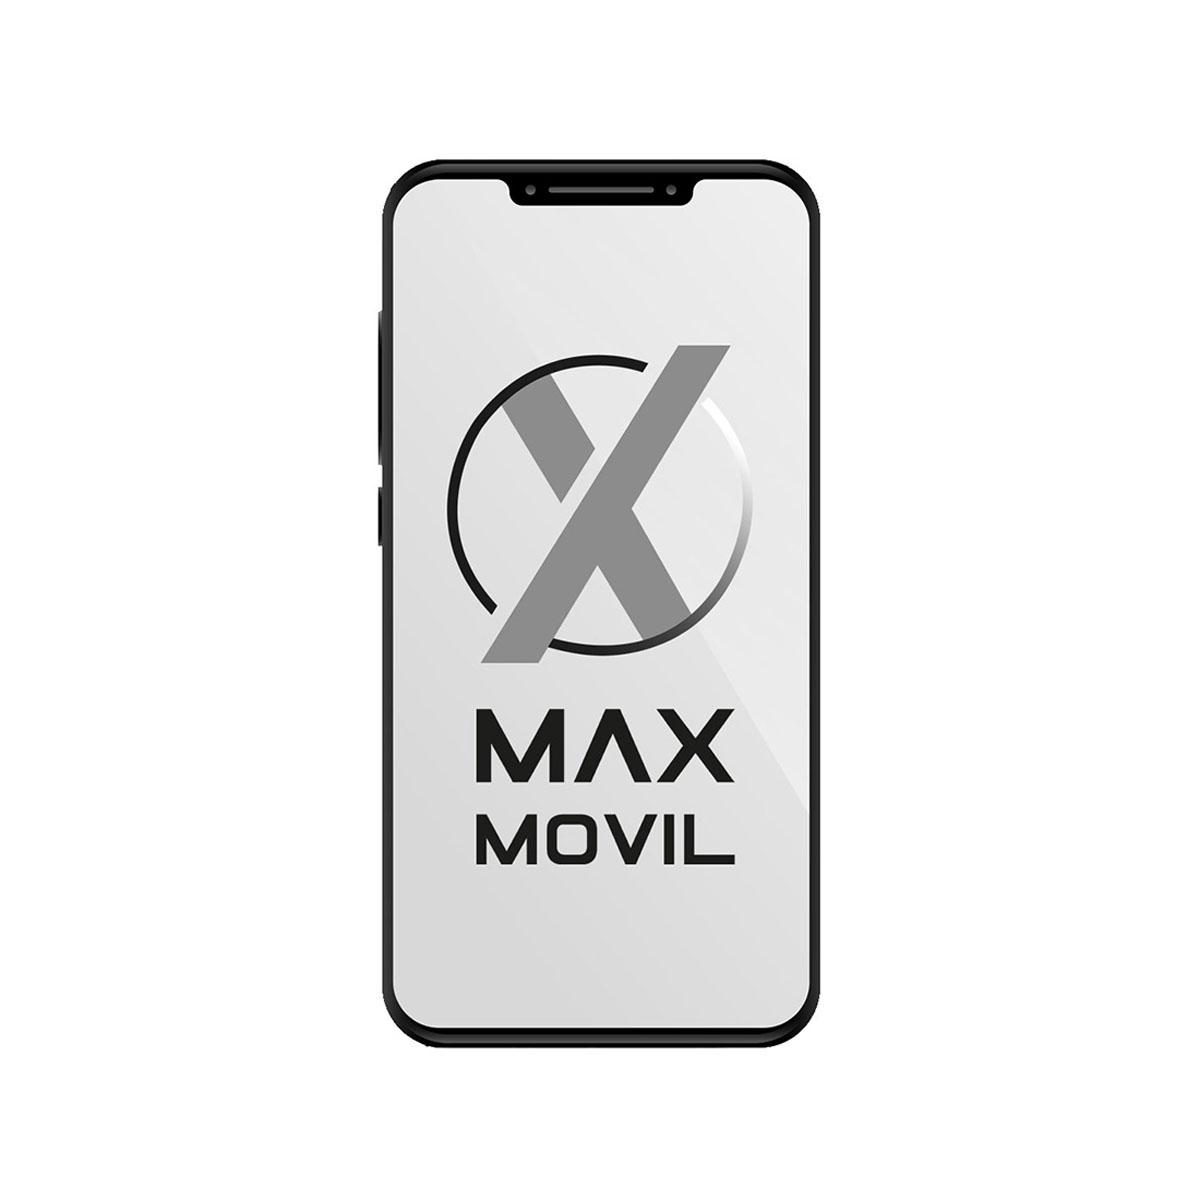 Google Pixel 4 XL 6GB/ 128GB Negro (Just Black) G020P